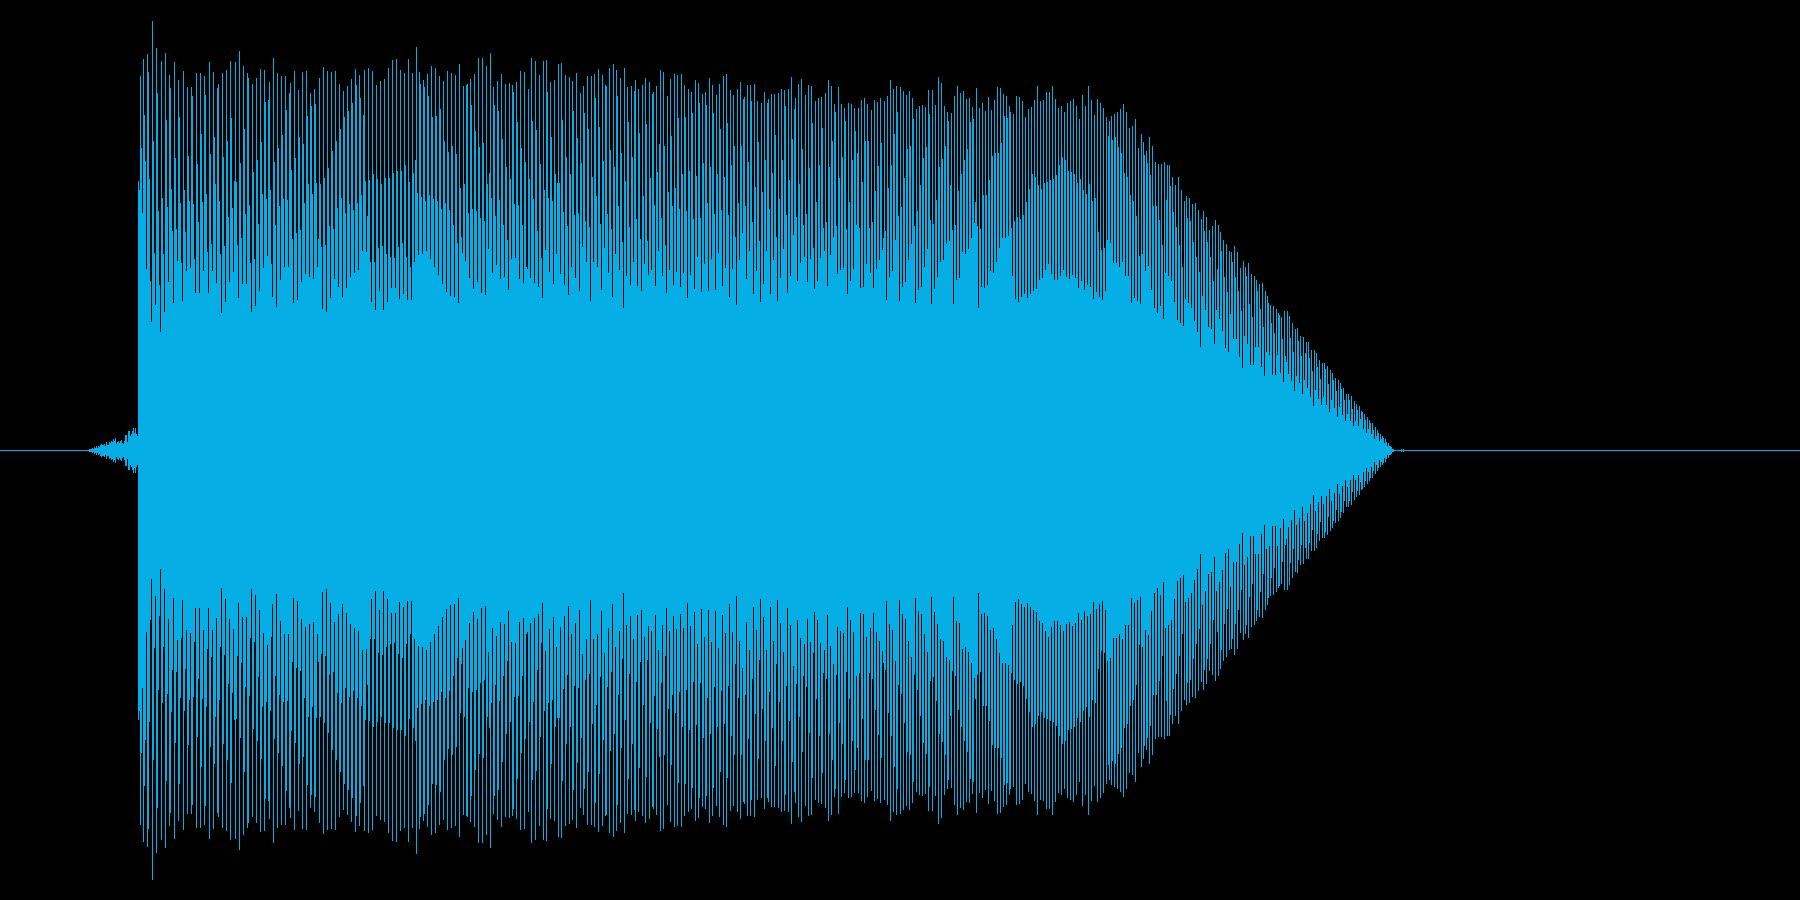 ゲーム(ファミコン風)ジャンプ音_015の再生済みの波形